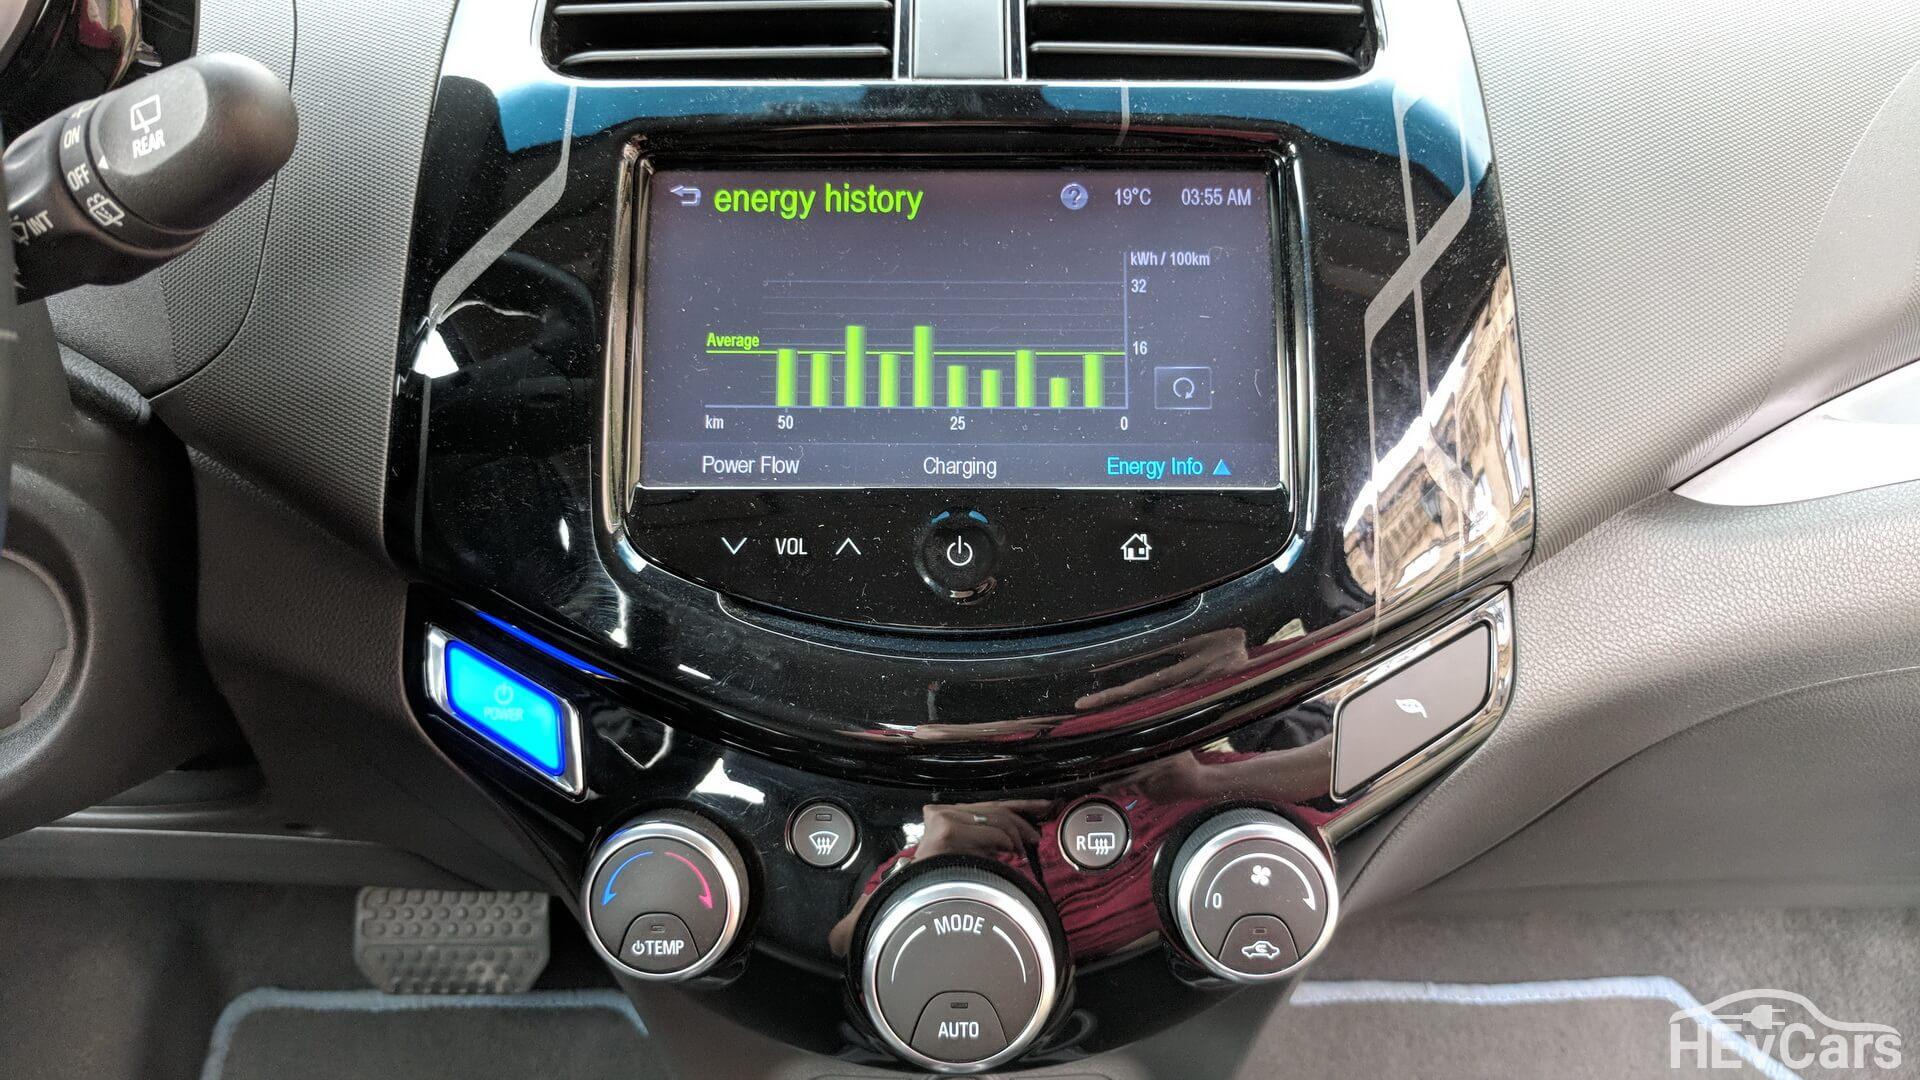 Дисплей на ценральной консоли в Chevrolet Spark EV